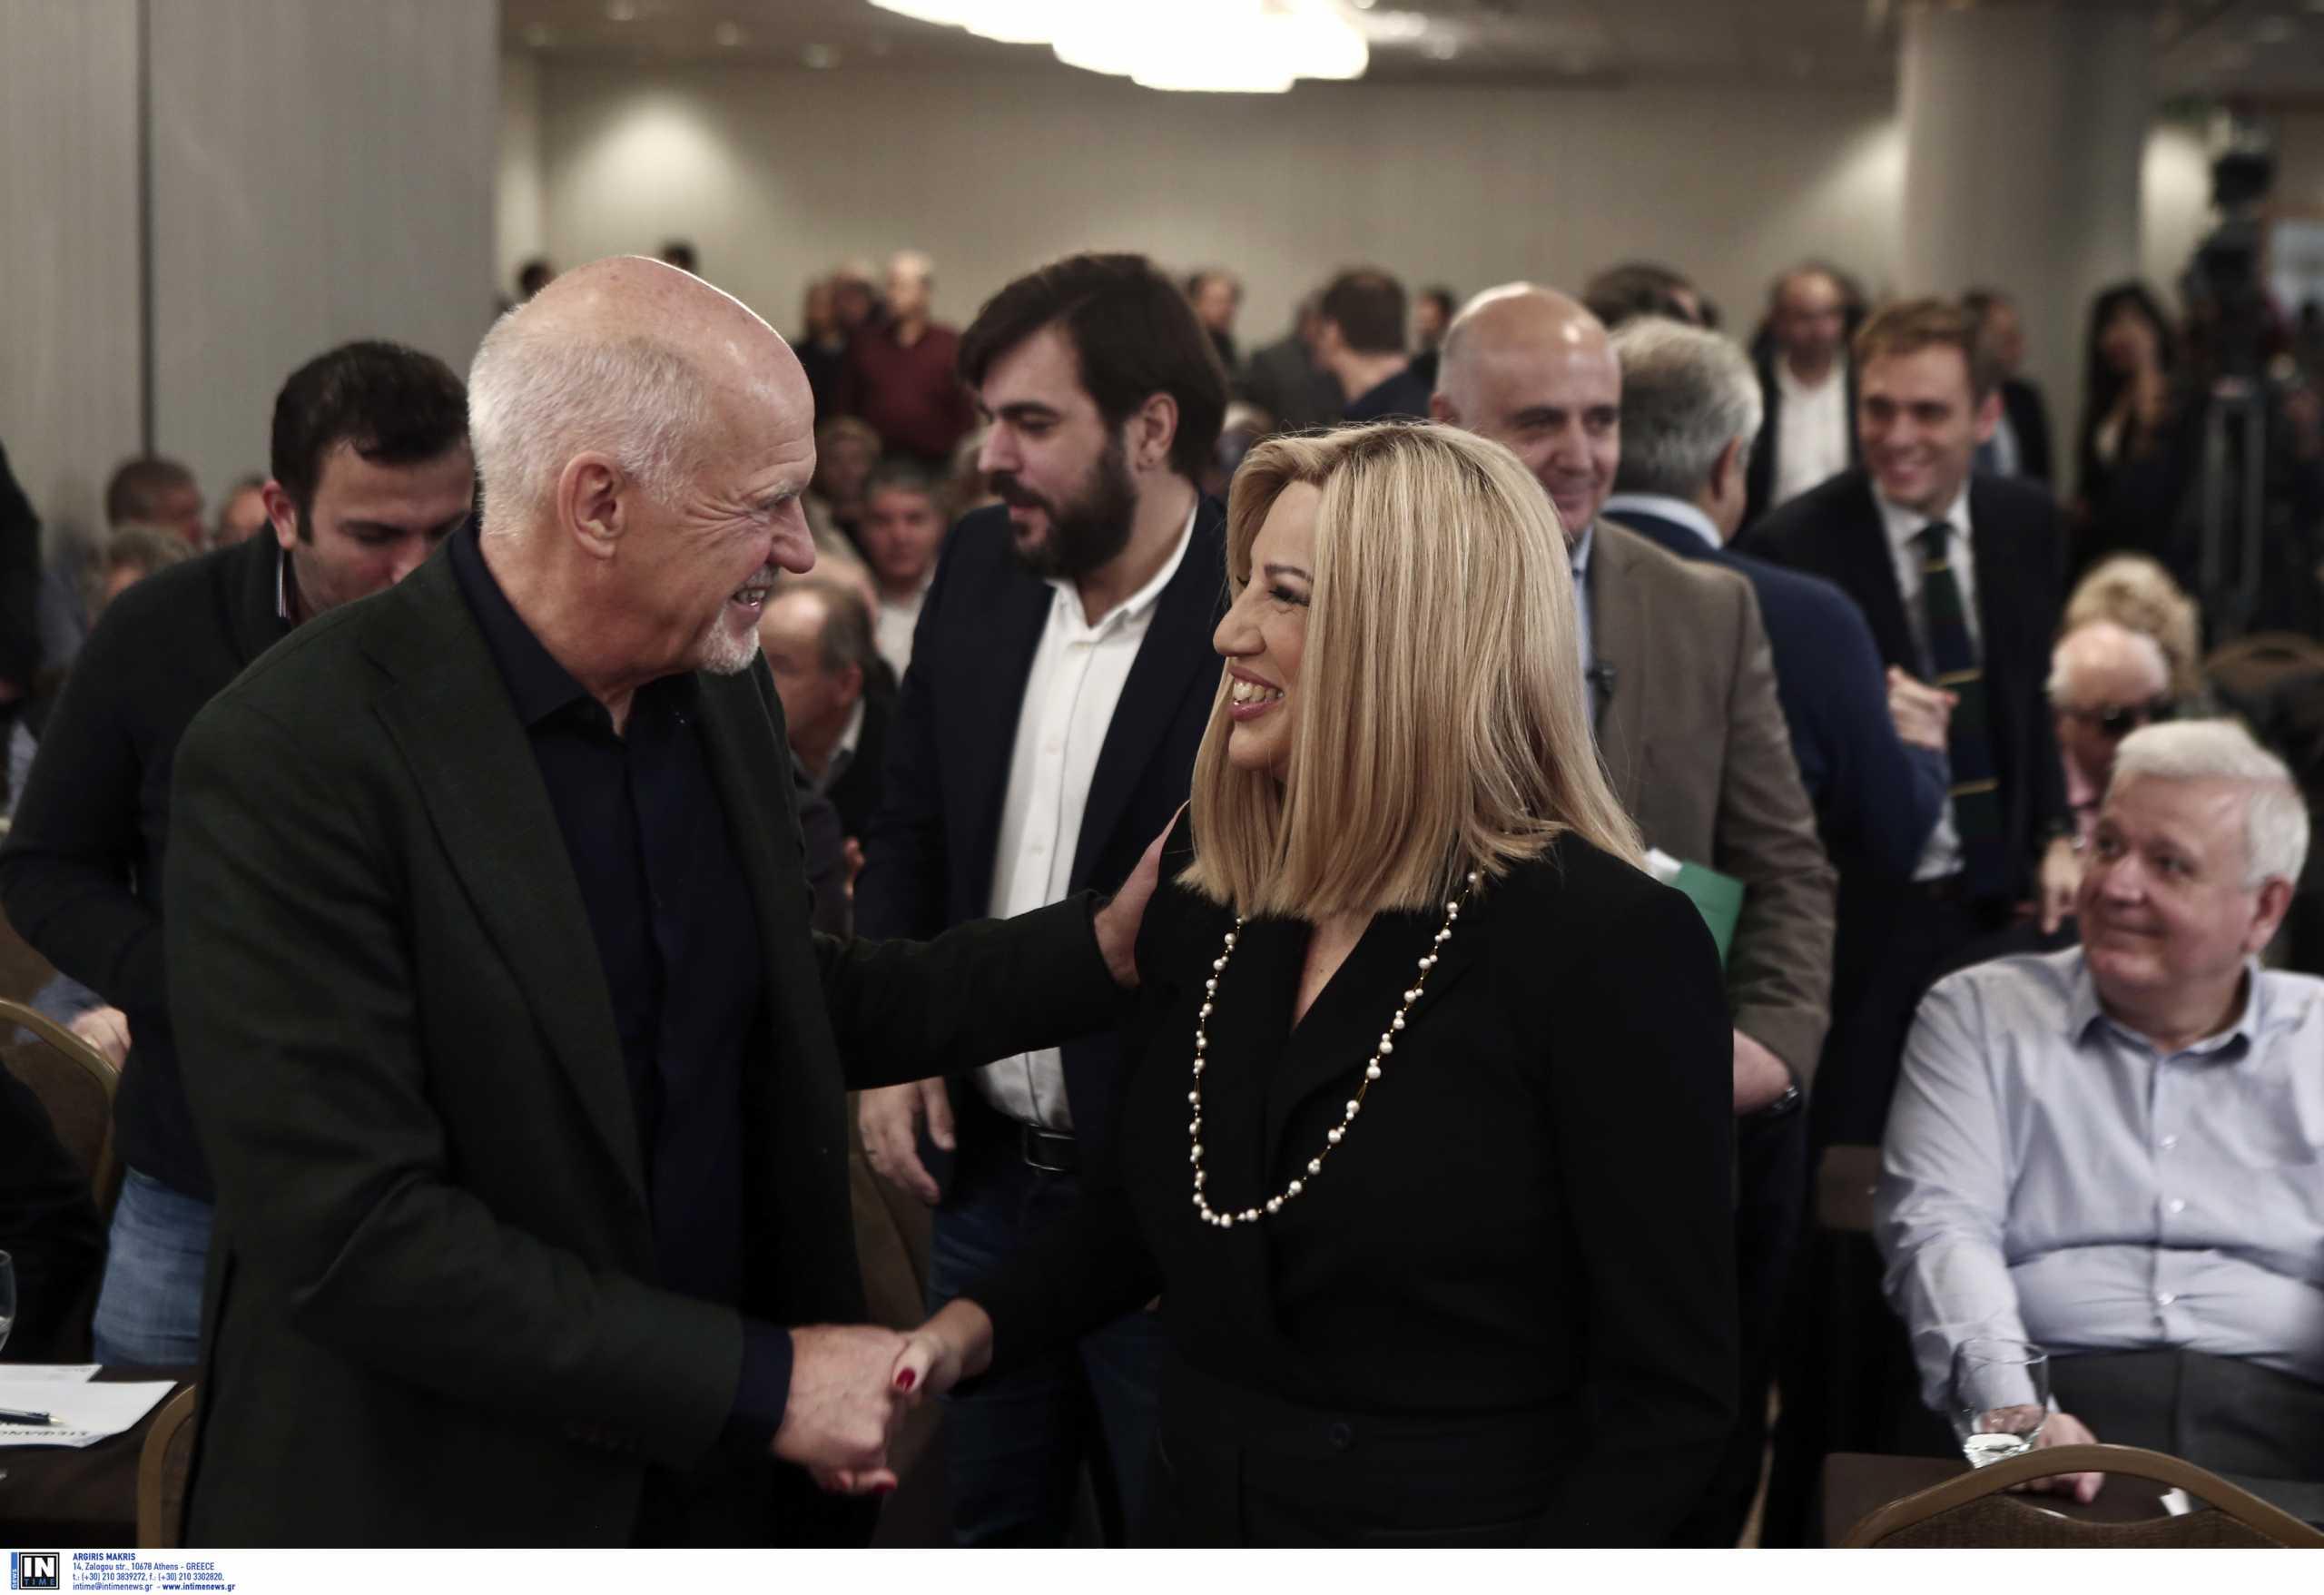 Φώφη Γεννηματά: Την επισκέφθηκε στο νοσοκομείο ο Γιώργος Παπανδρέου